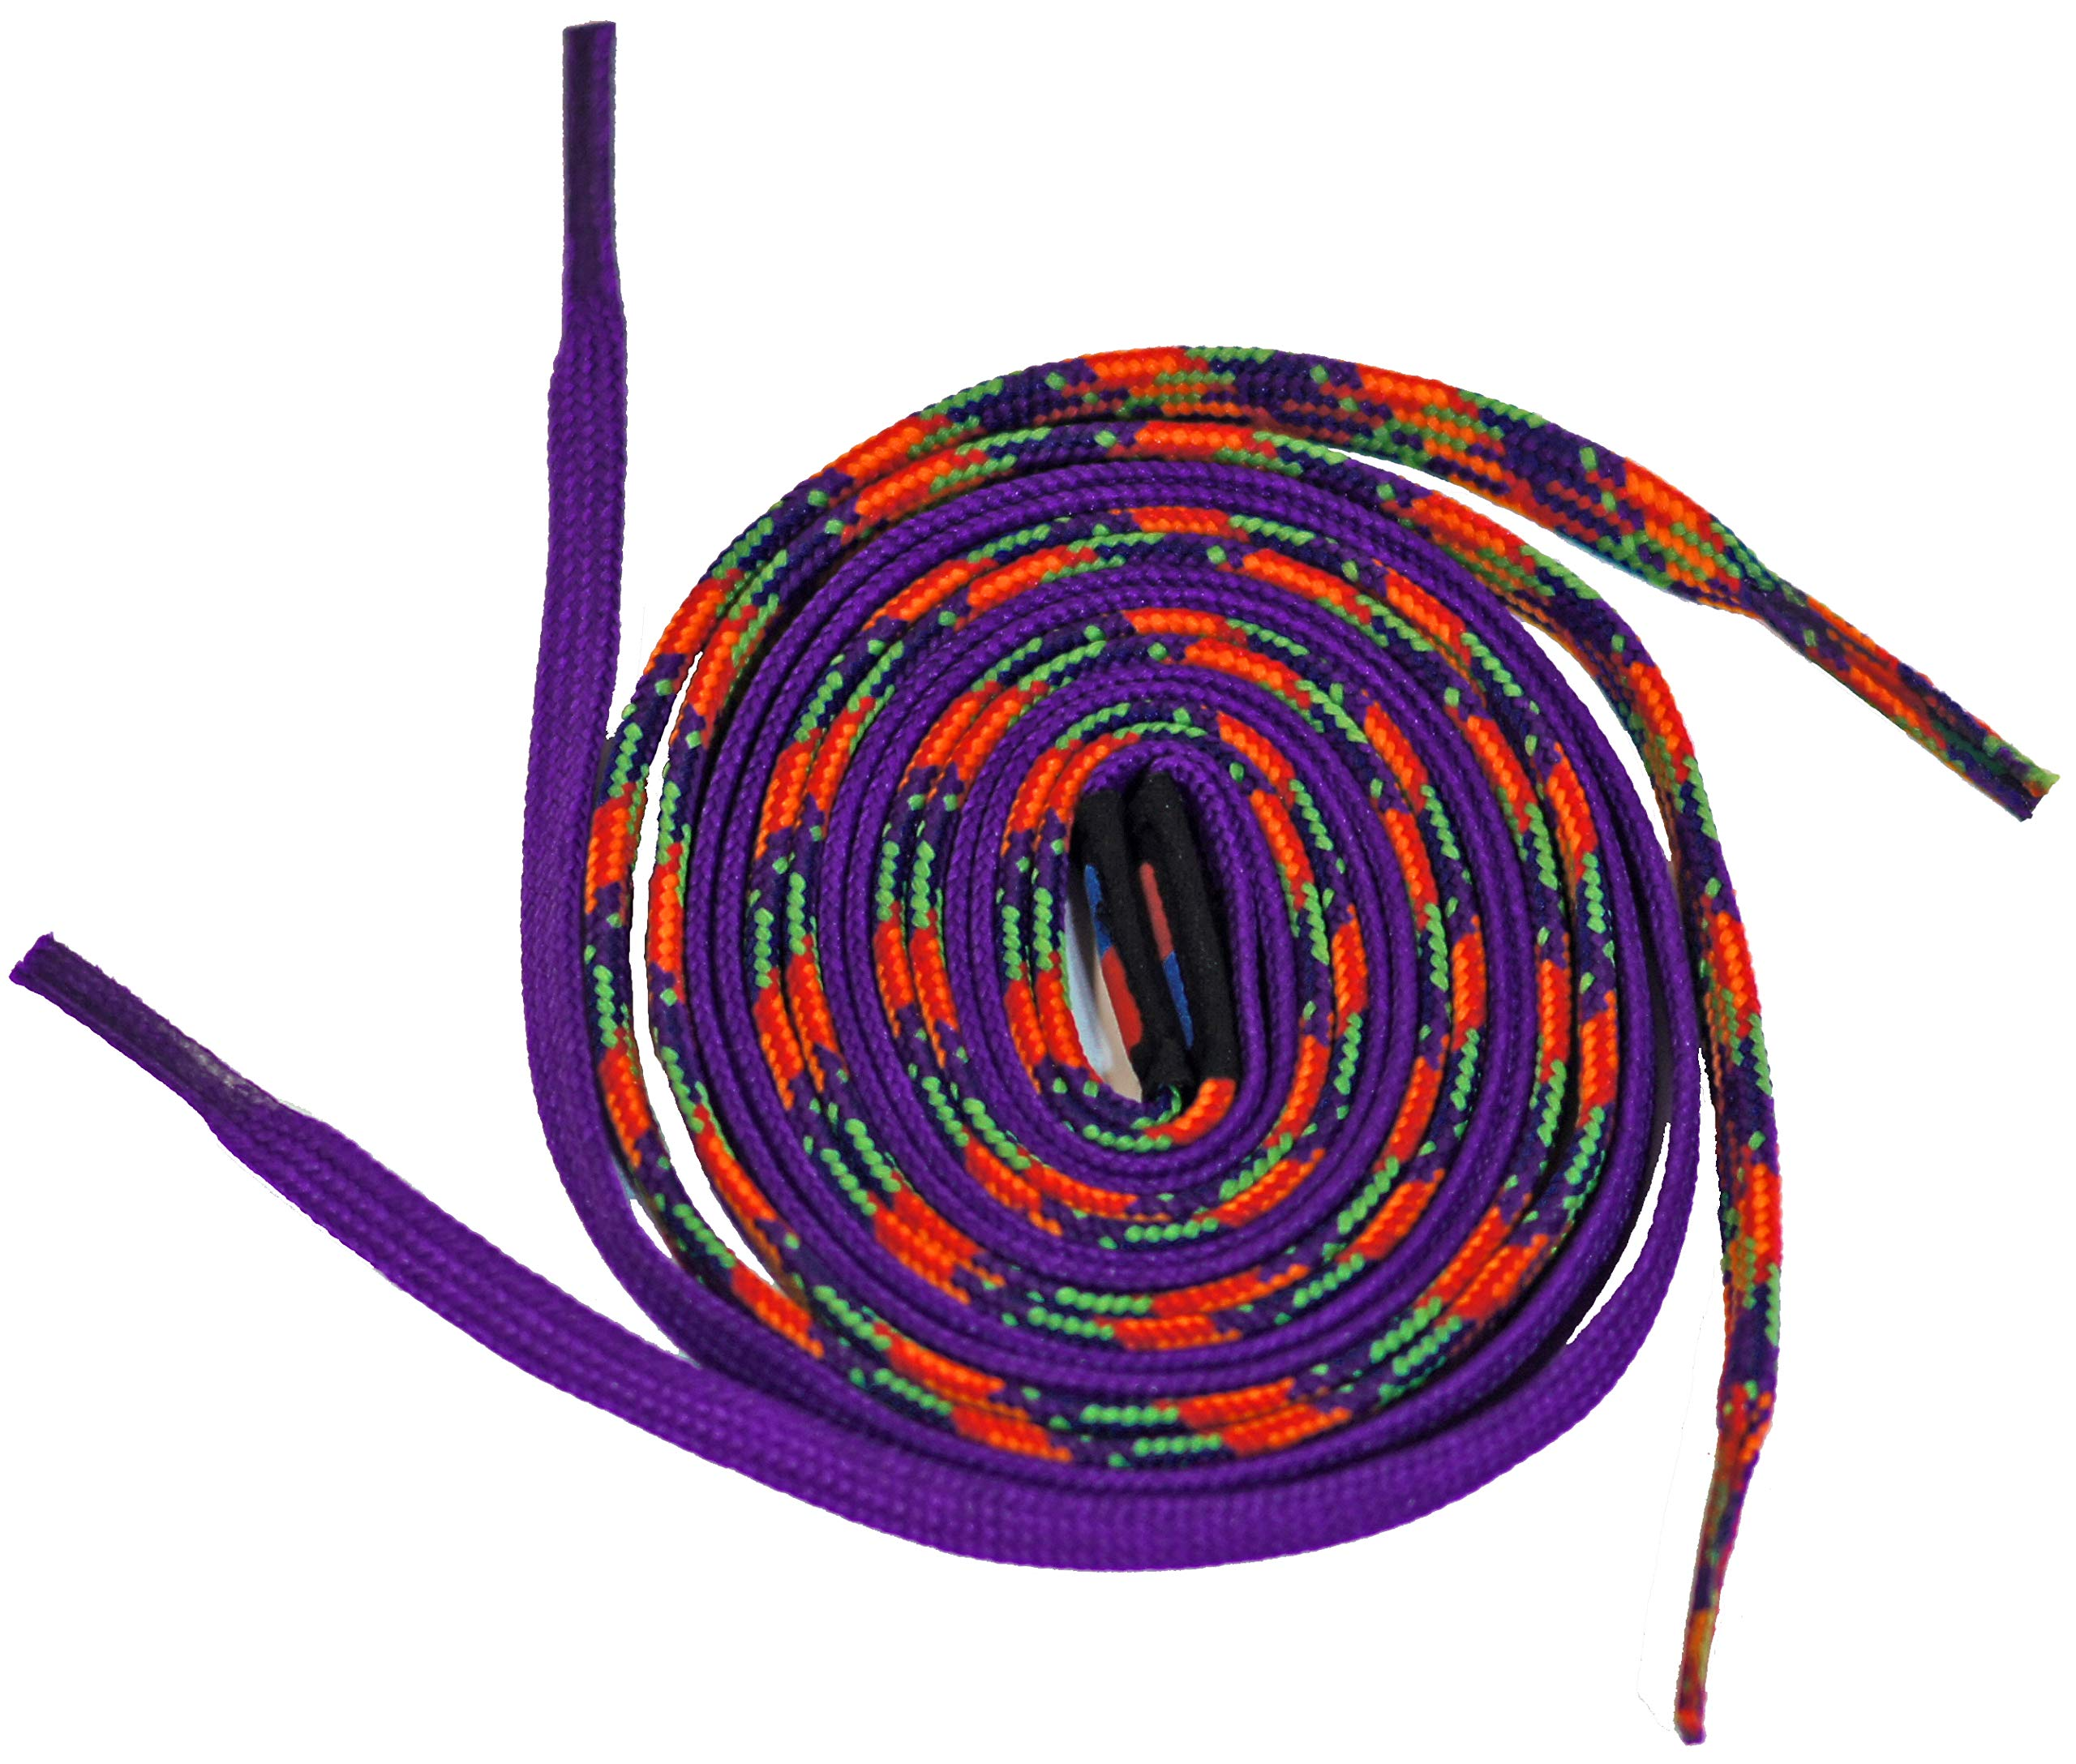 Easy Tie Shoelaces Purple/Rainbow 37'' - 94cm